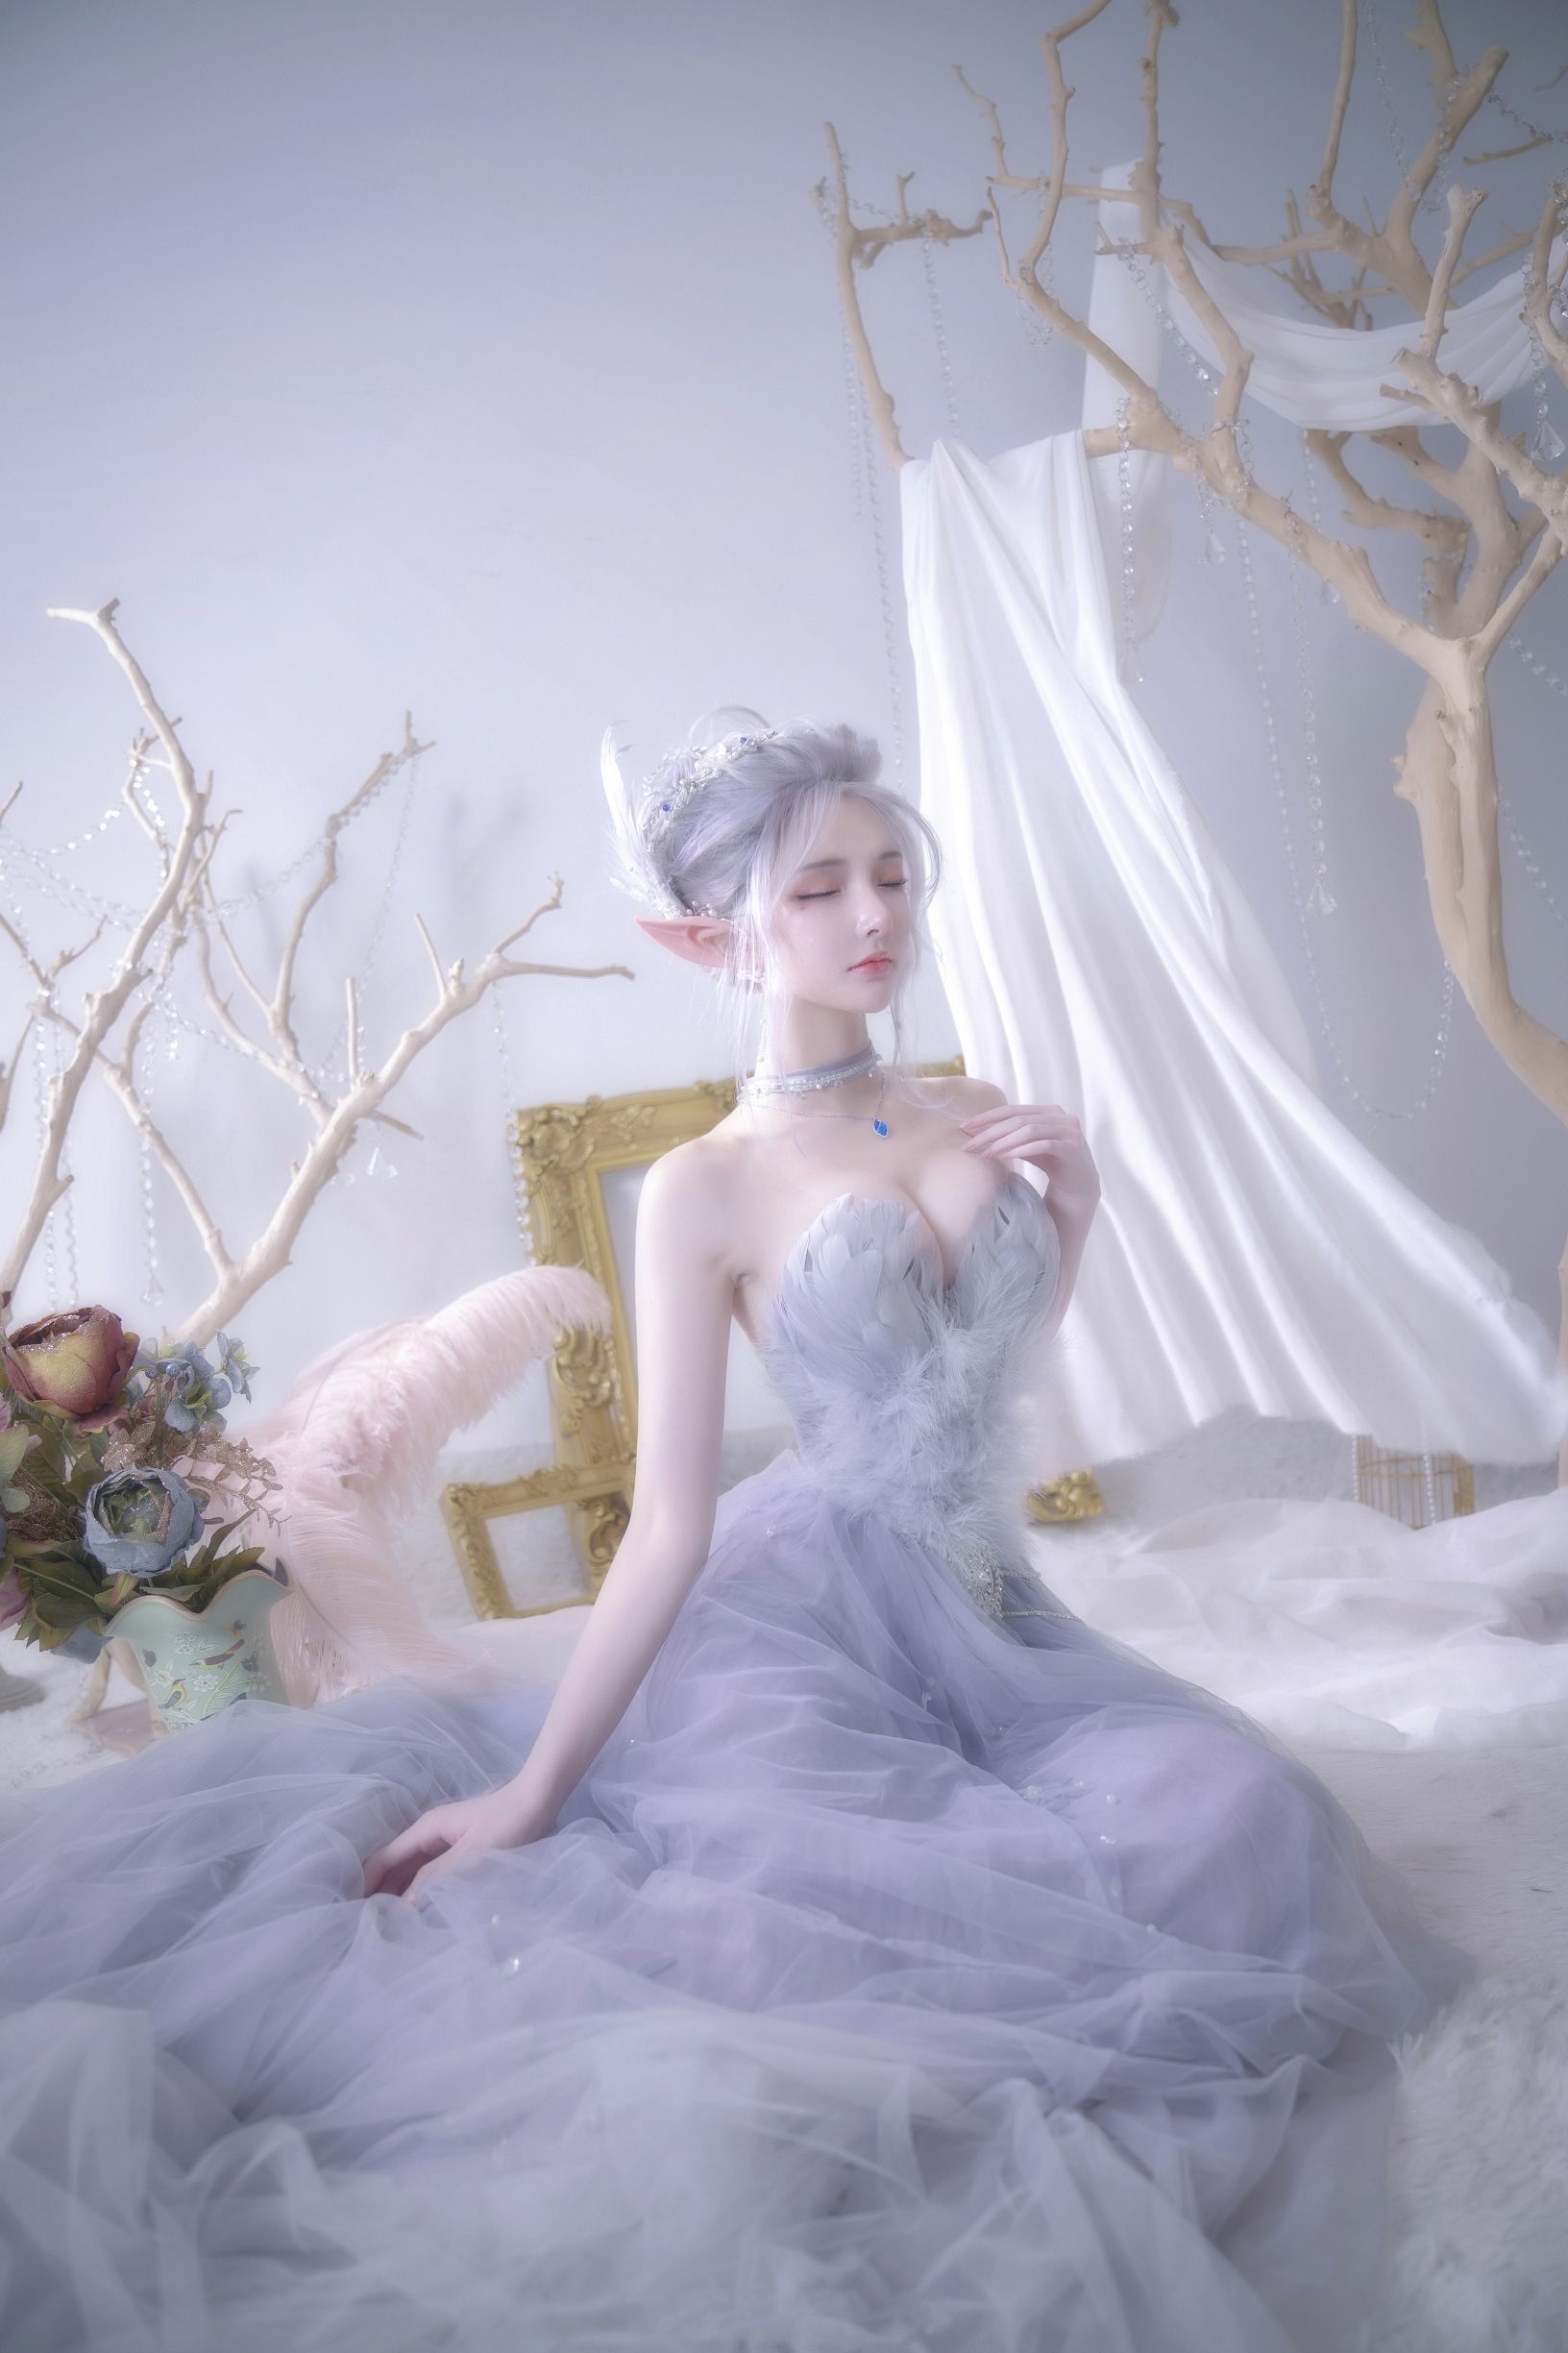 5eea4453d964d - 《鬼刀》海琴烟(冰公主) COS:在下萝莉控ii